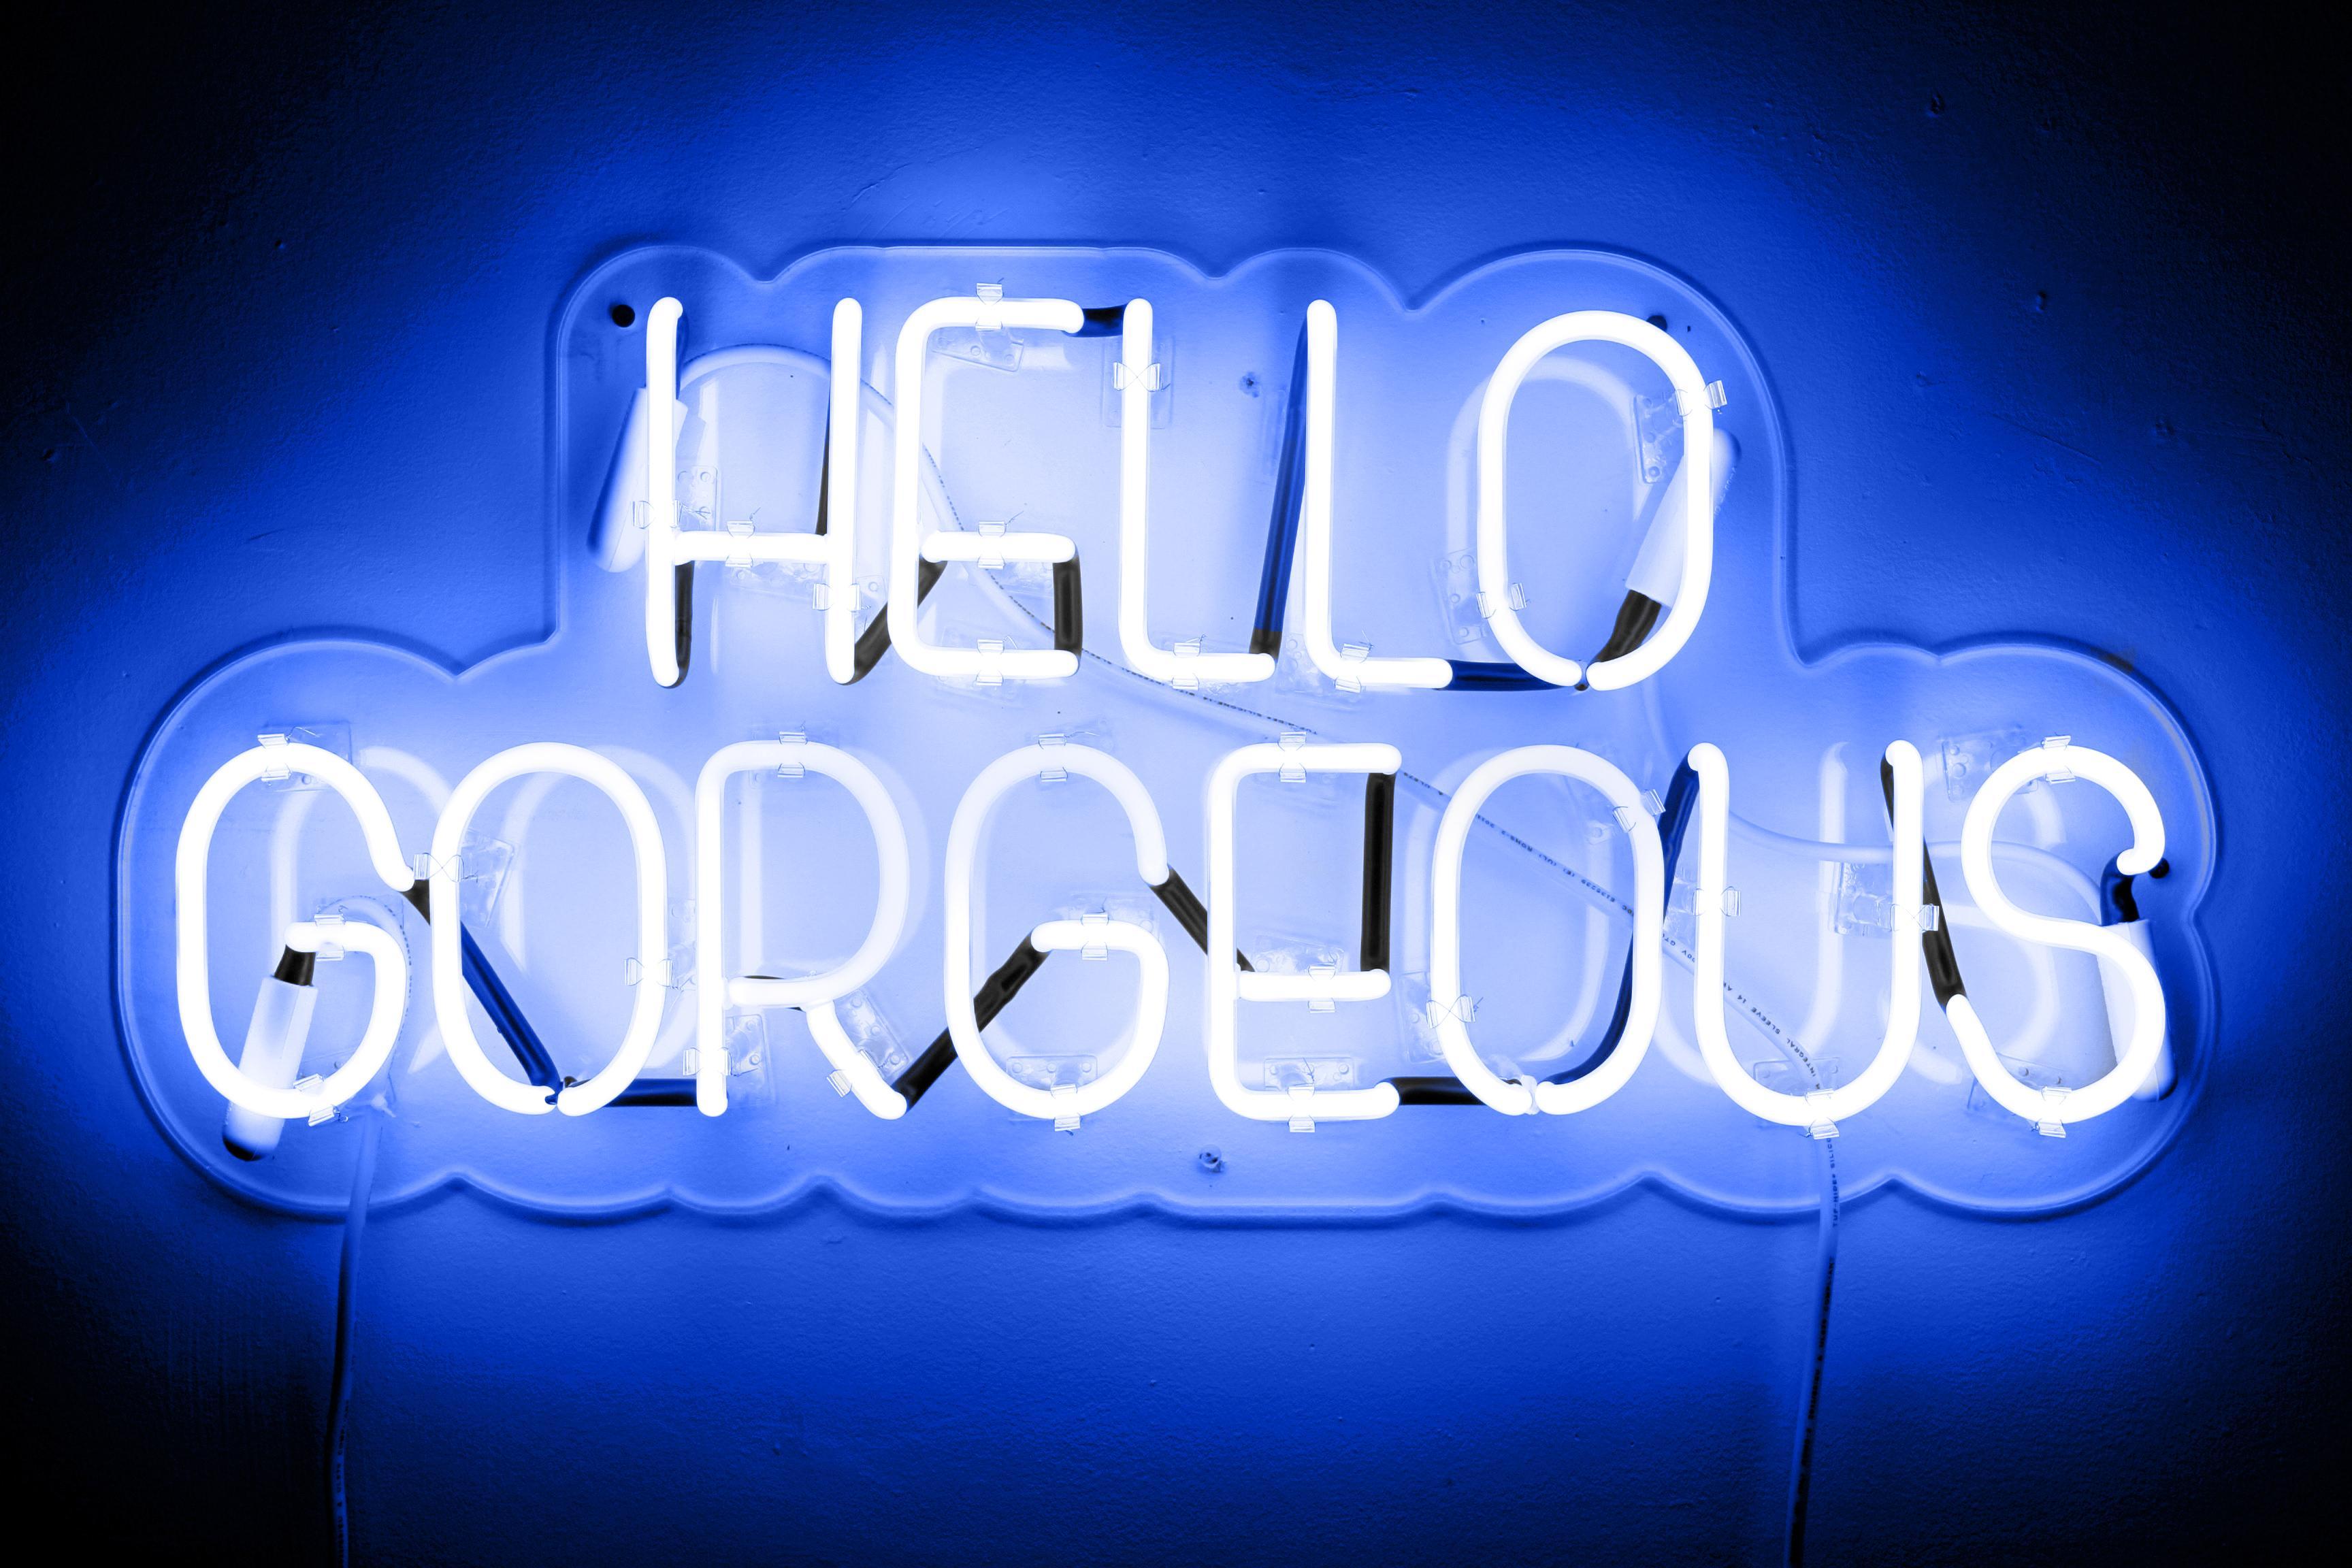 Hello gorgeous - neon art work